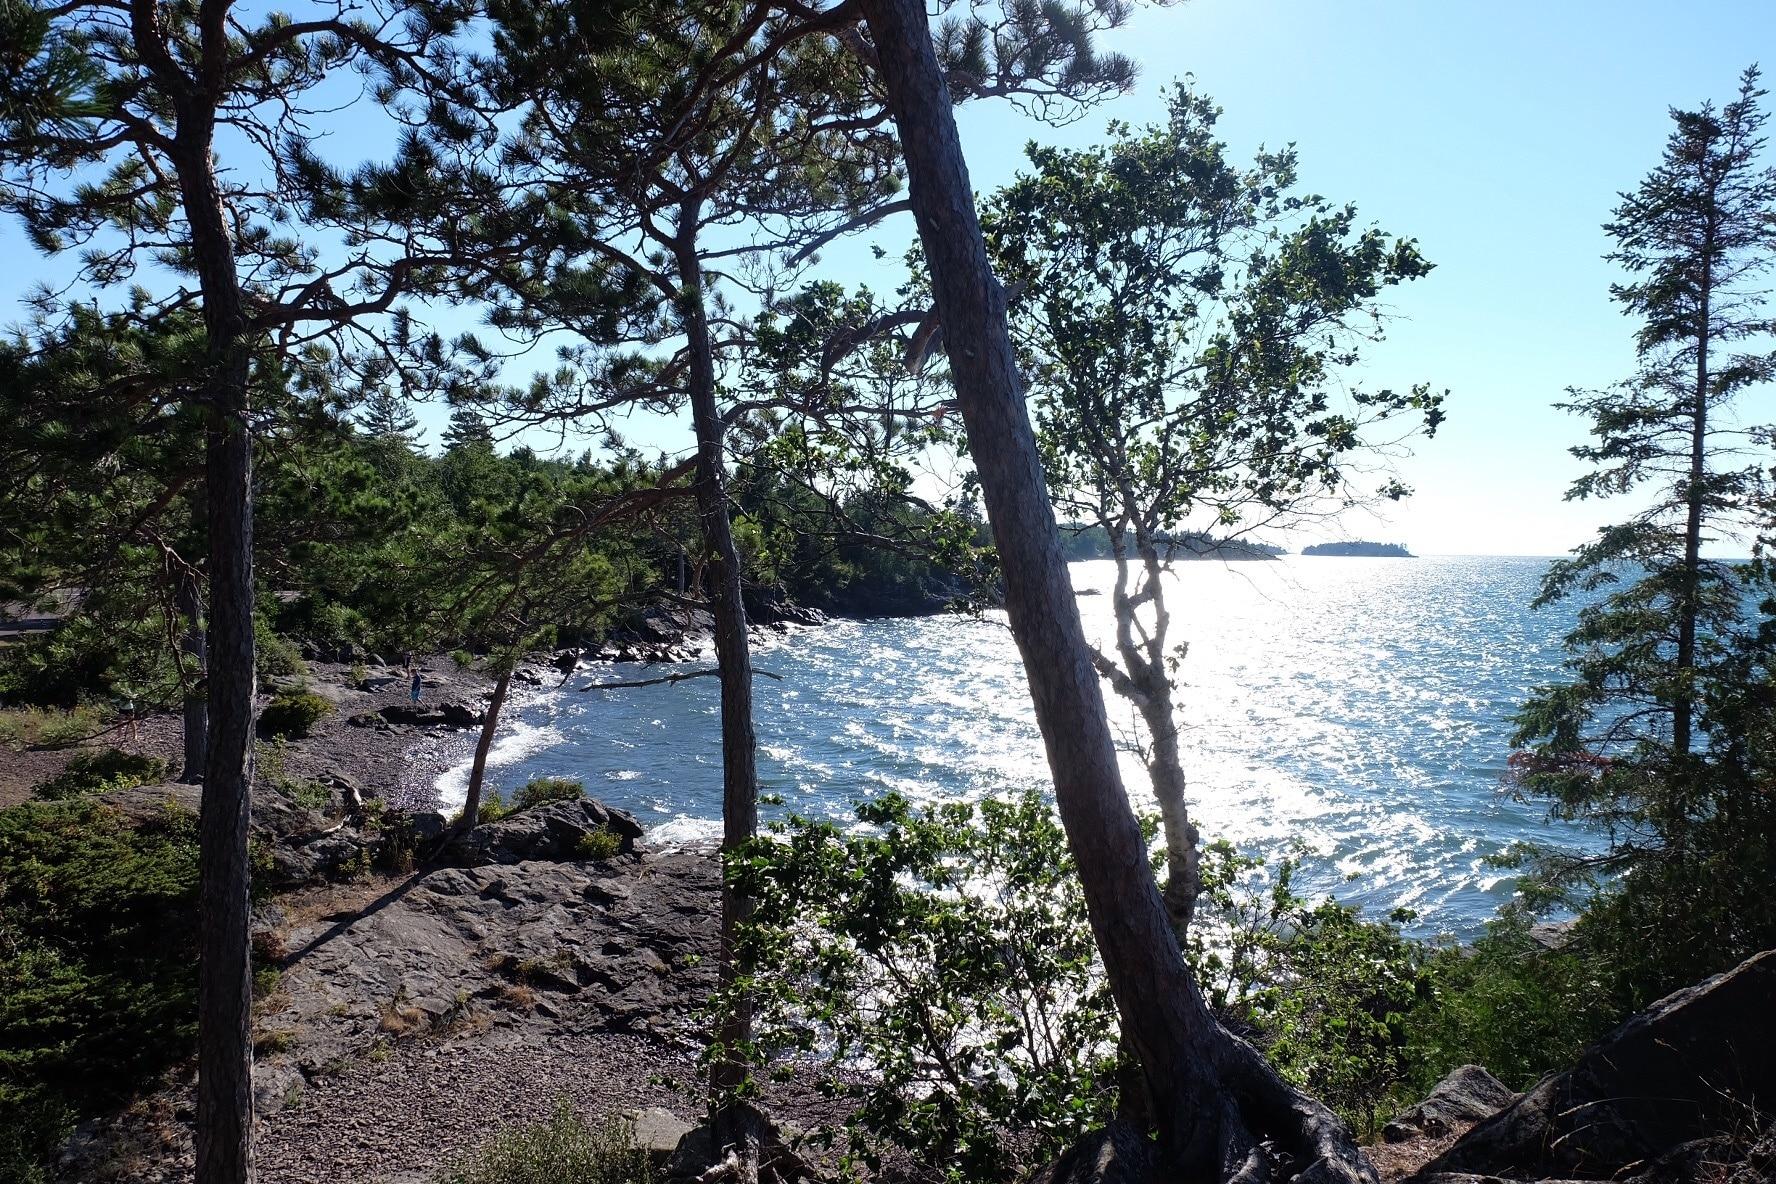 Lake Linden, Michigan, United States of America